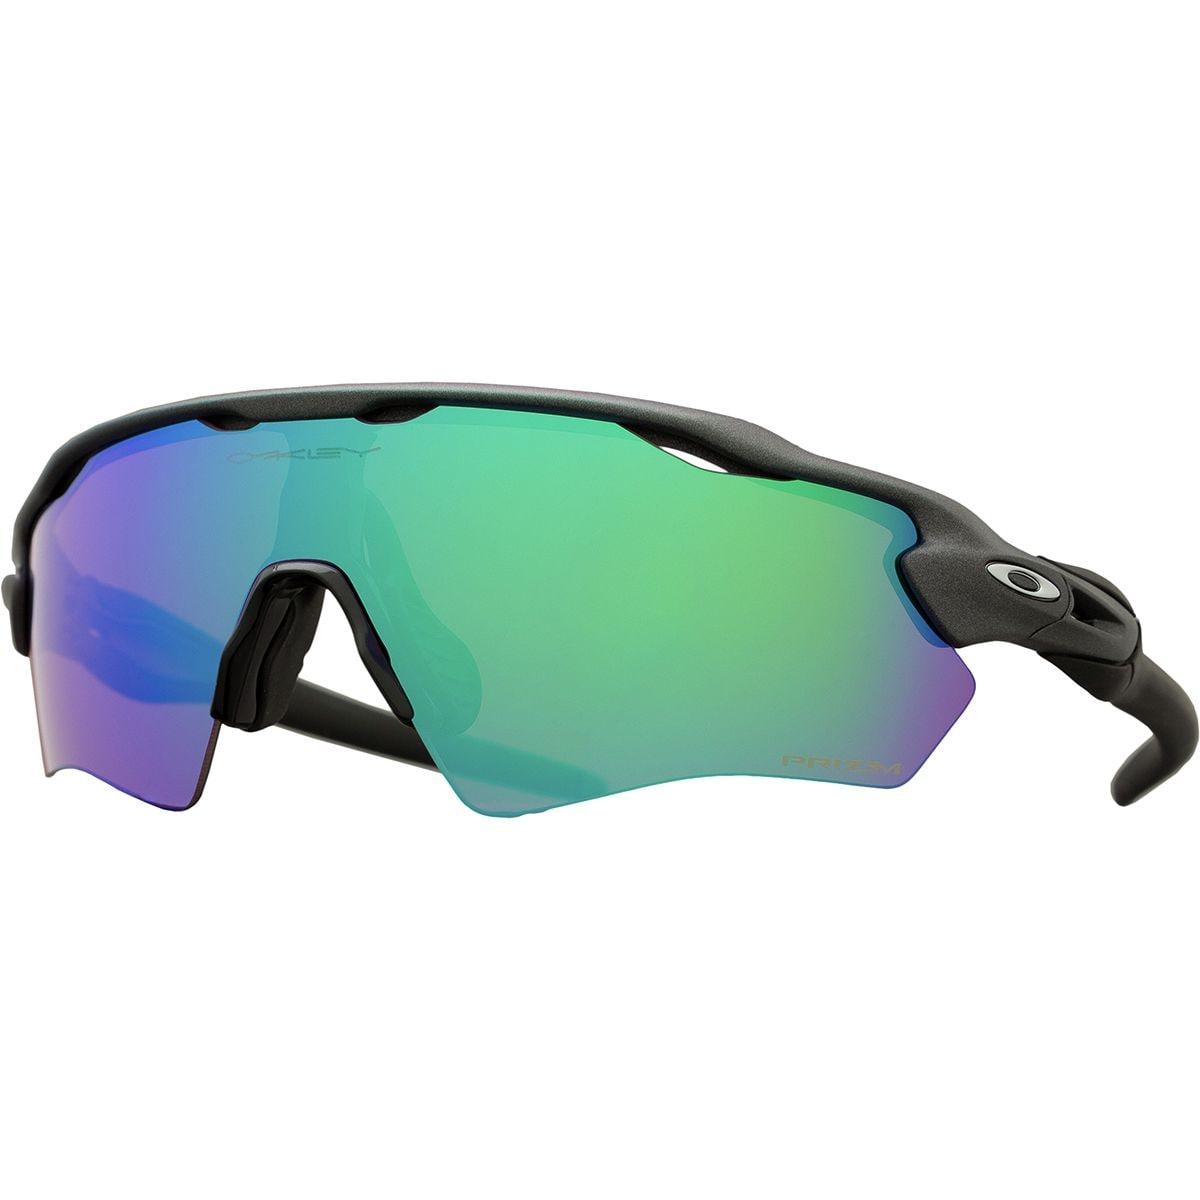 Oakley Radar EV XS Prizm Sunglasses - Kids' - Men's